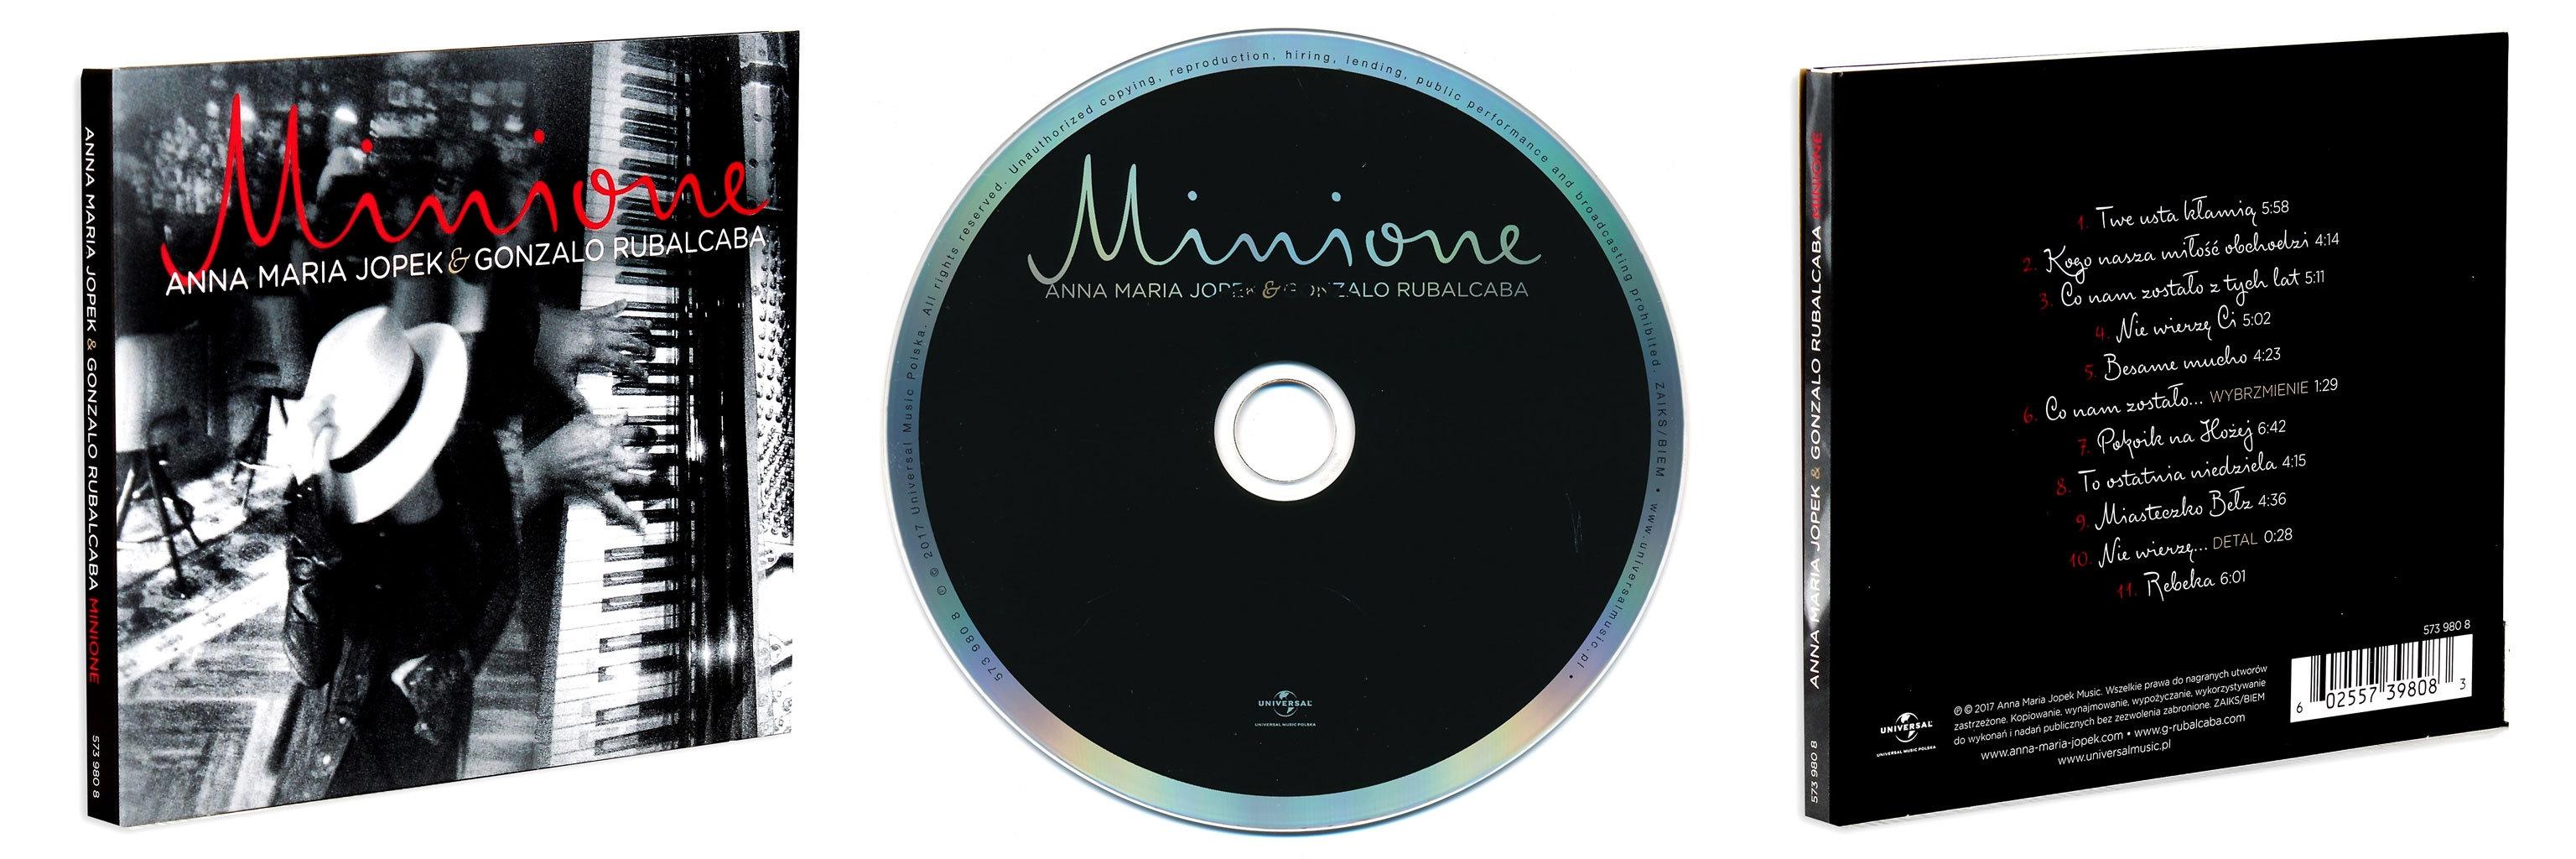 Minione